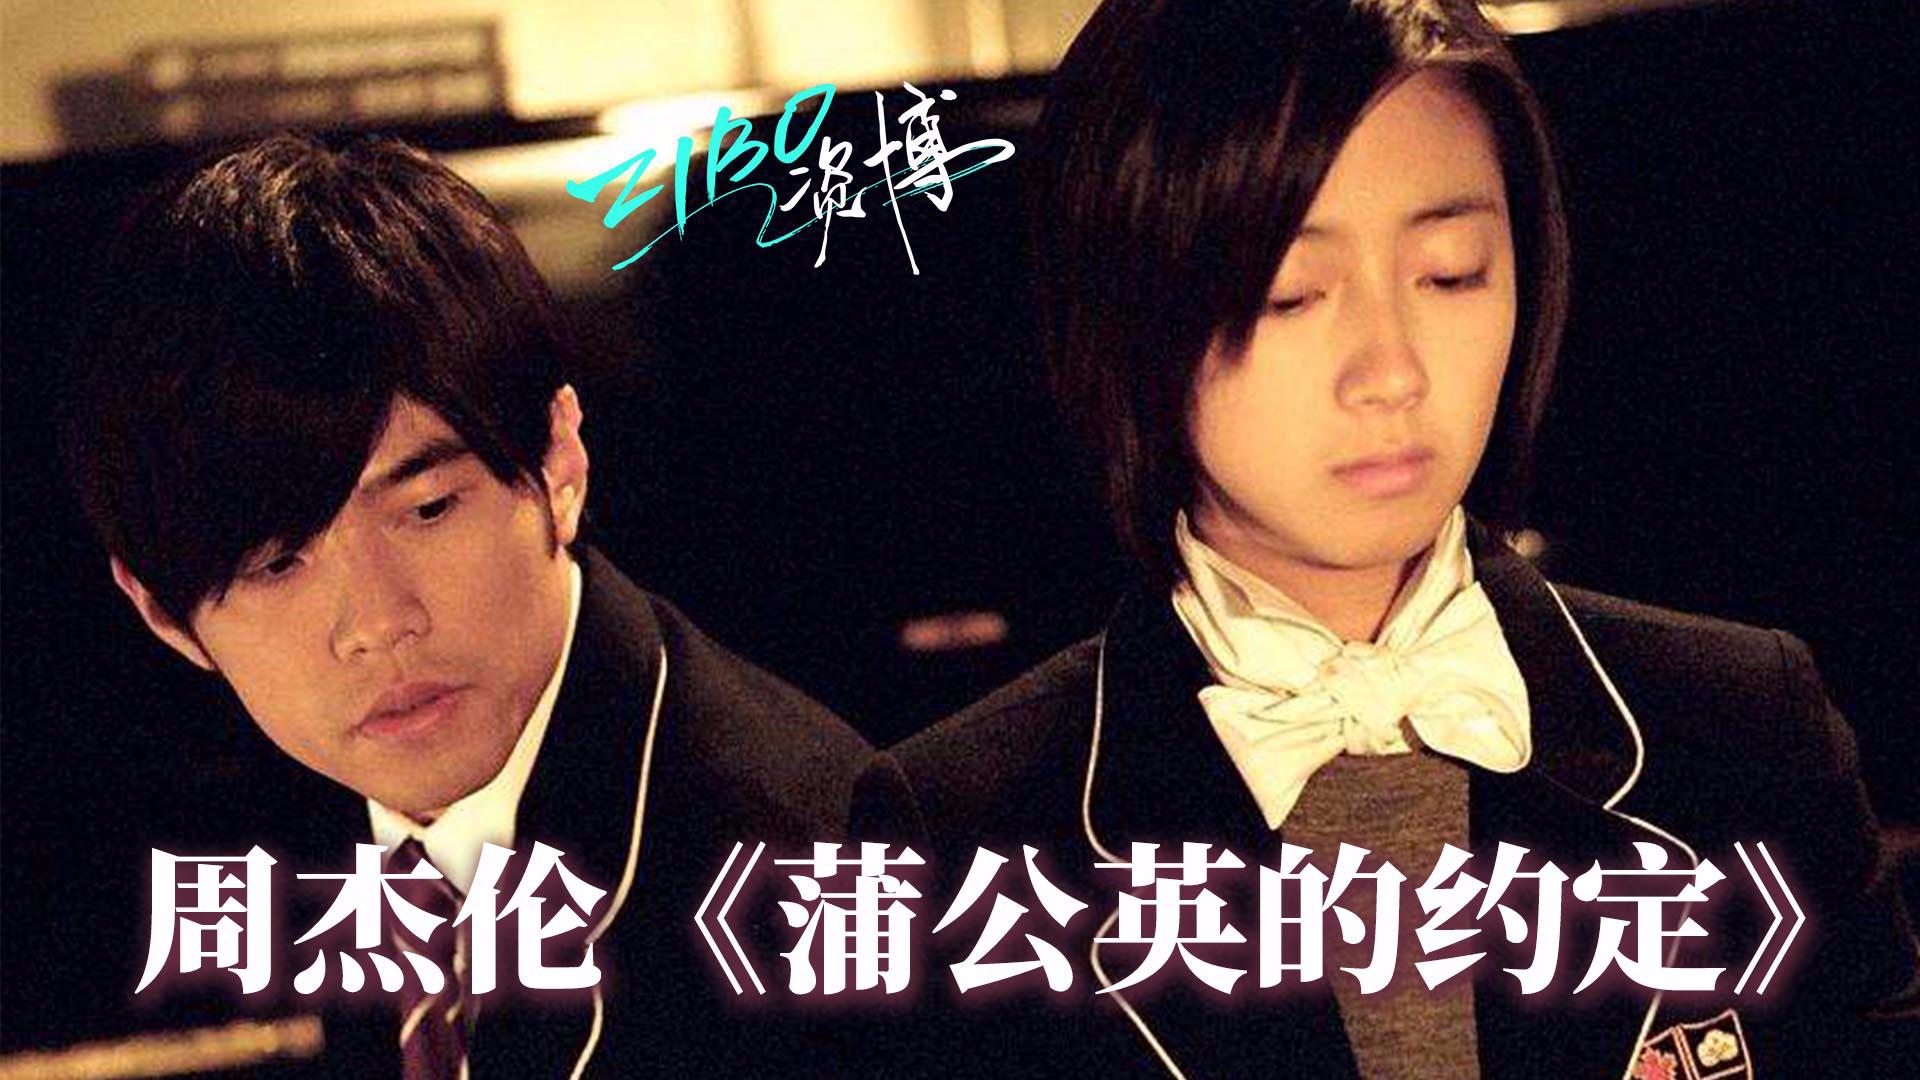 错过爱情的小学生:周杰伦《蒲公英的约定》 | ZIBO